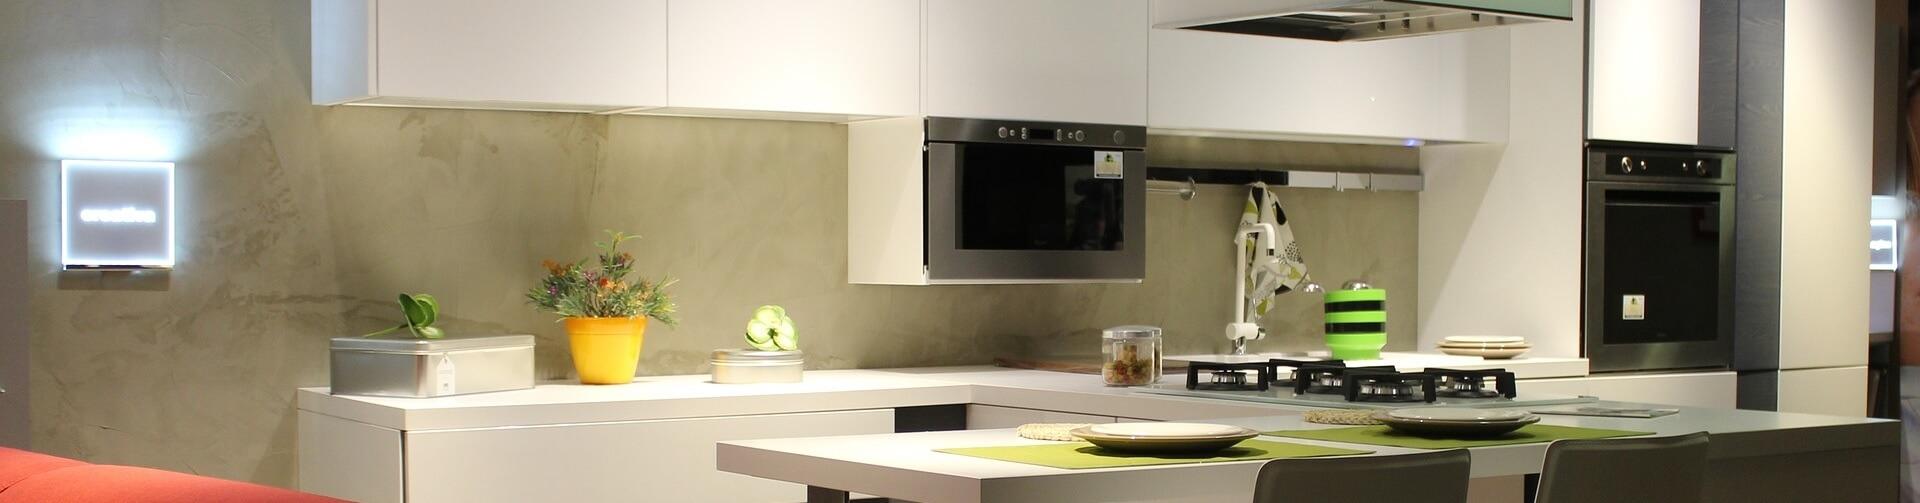 Keuken spuiten - renovatie in Limburg